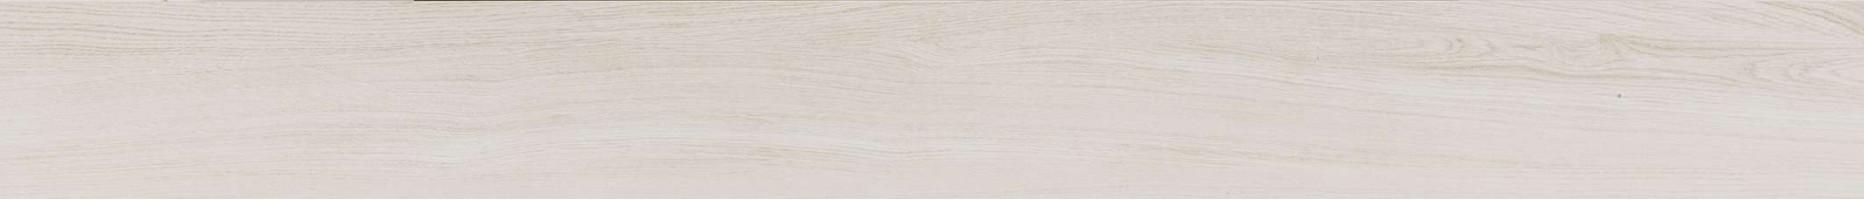 Керамогранит напольный Porcelanosa Manhattan Fresno 19.3x180 P1670026